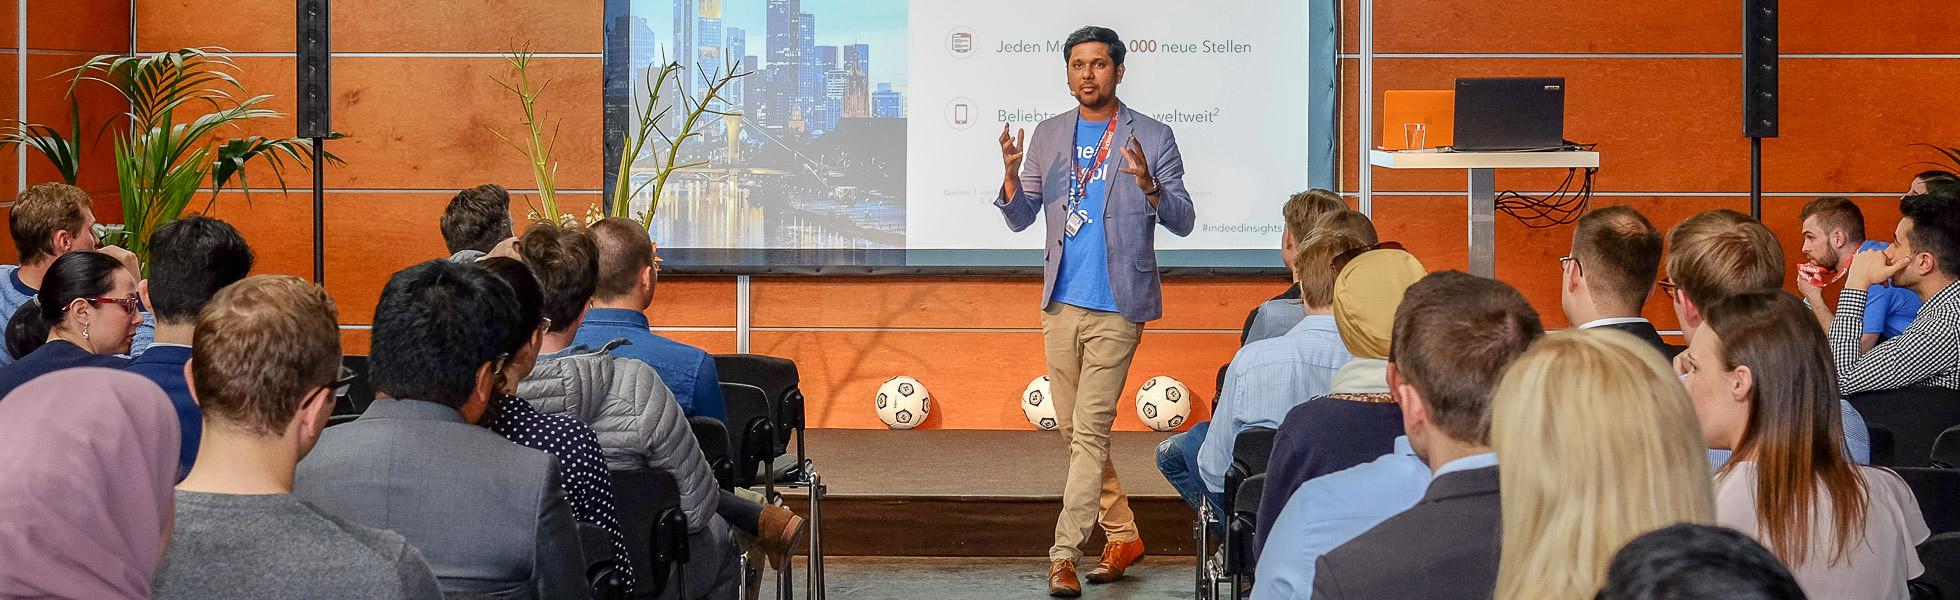 Foto eines Vortrages auf der Connecticum